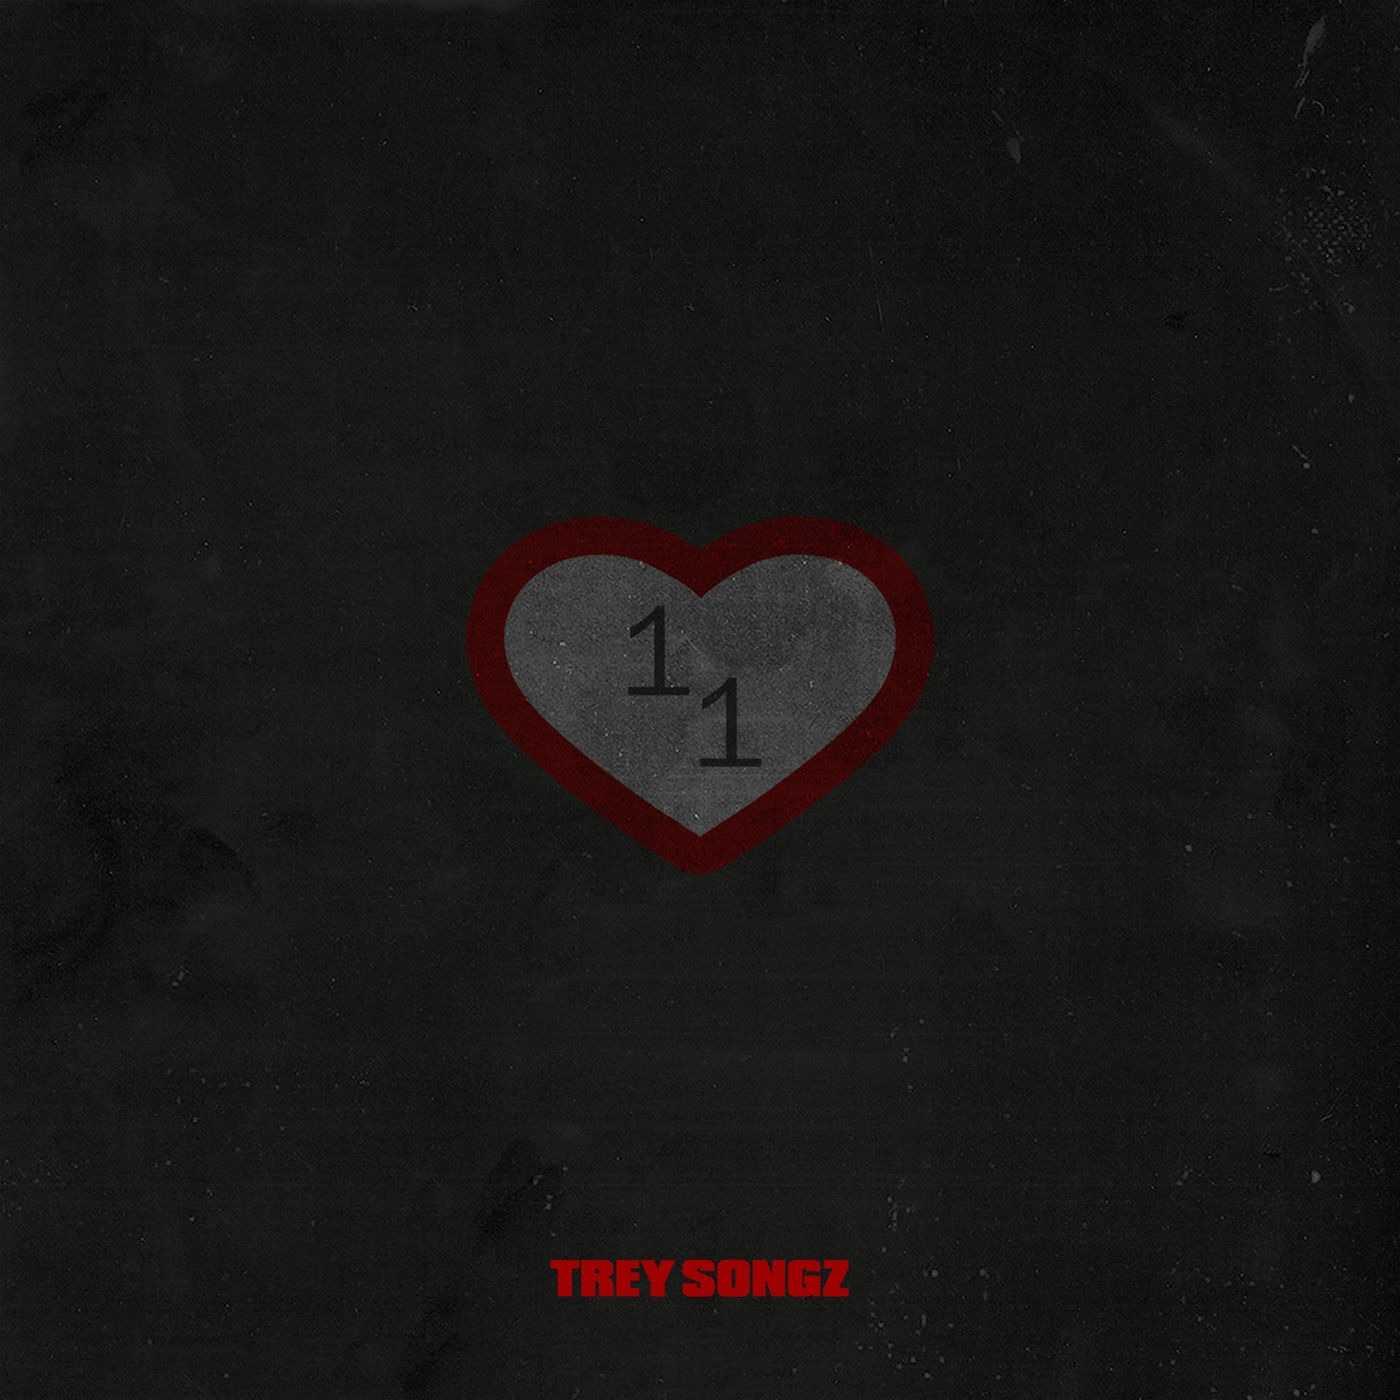 New Project: Trey Songz | 11 [Audio]